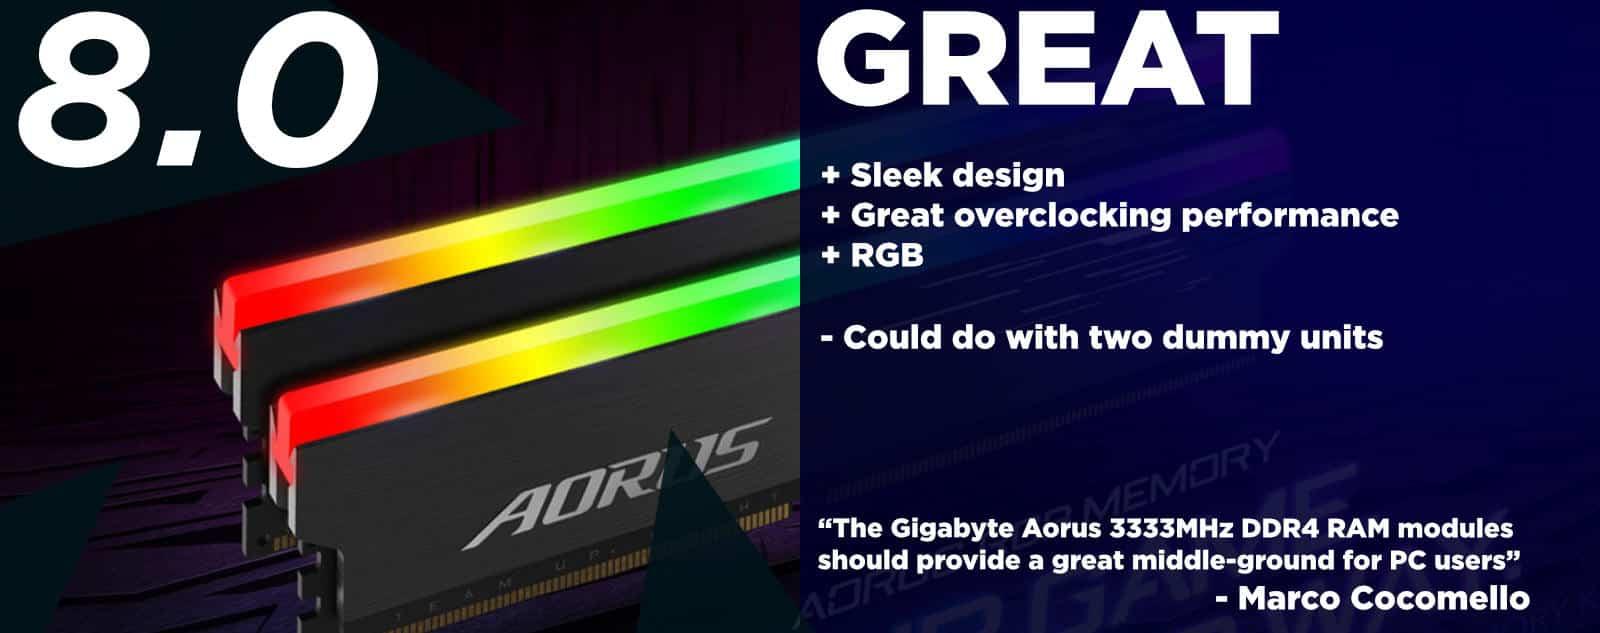 Gigabyte AORUS RGB DDR4 16GB (2x8GB) 3333MHz RAM Review